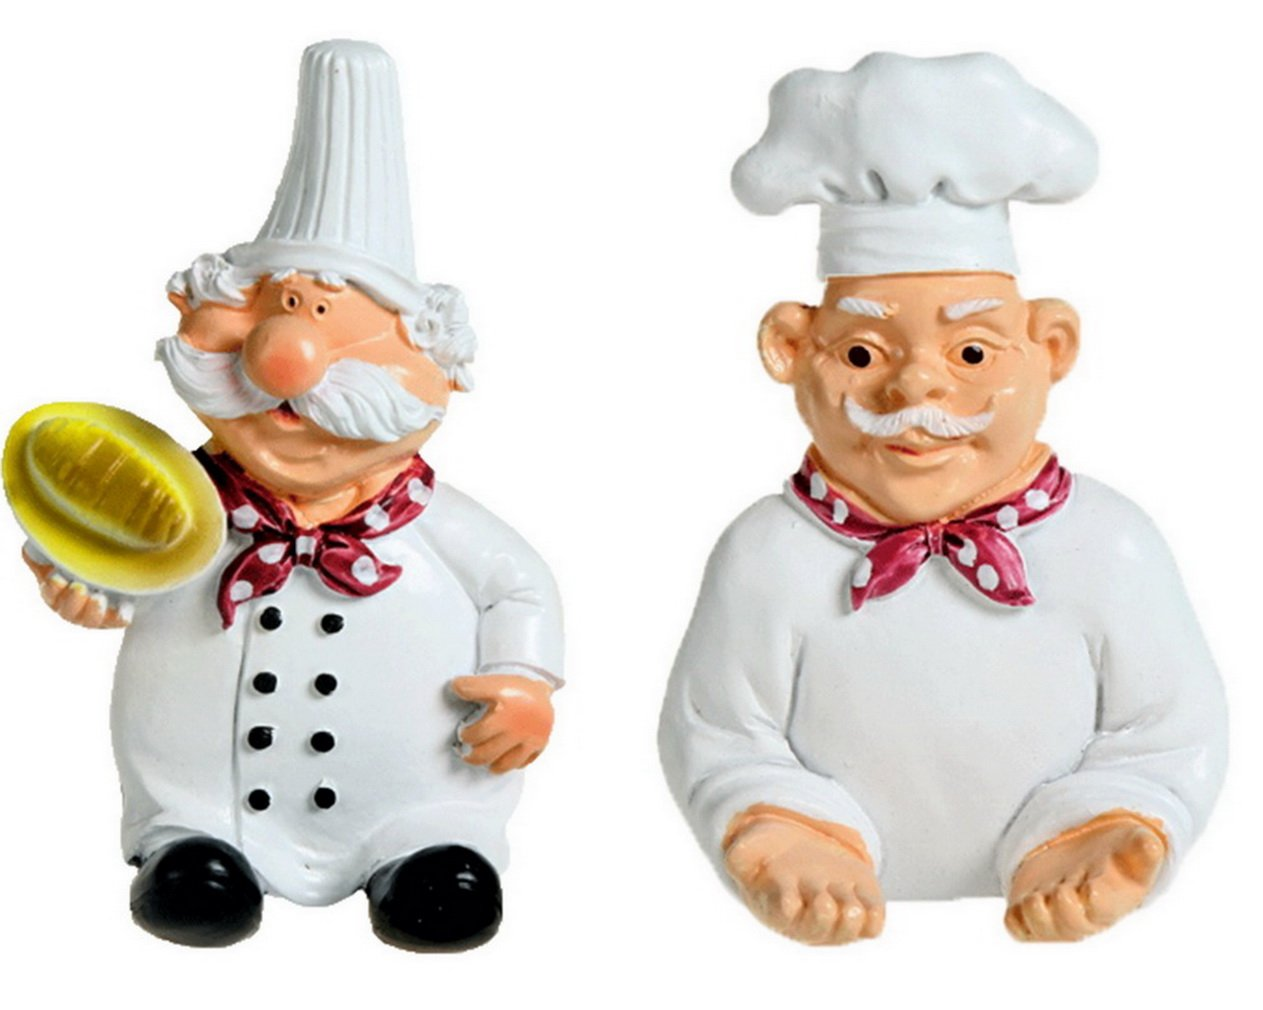 COMVIP Ganchos Fuerte palillo de la Historieta Chef Cable de alimentaci/ón del Enchufe de Vivienda Percha B 11 7cm B Blanco